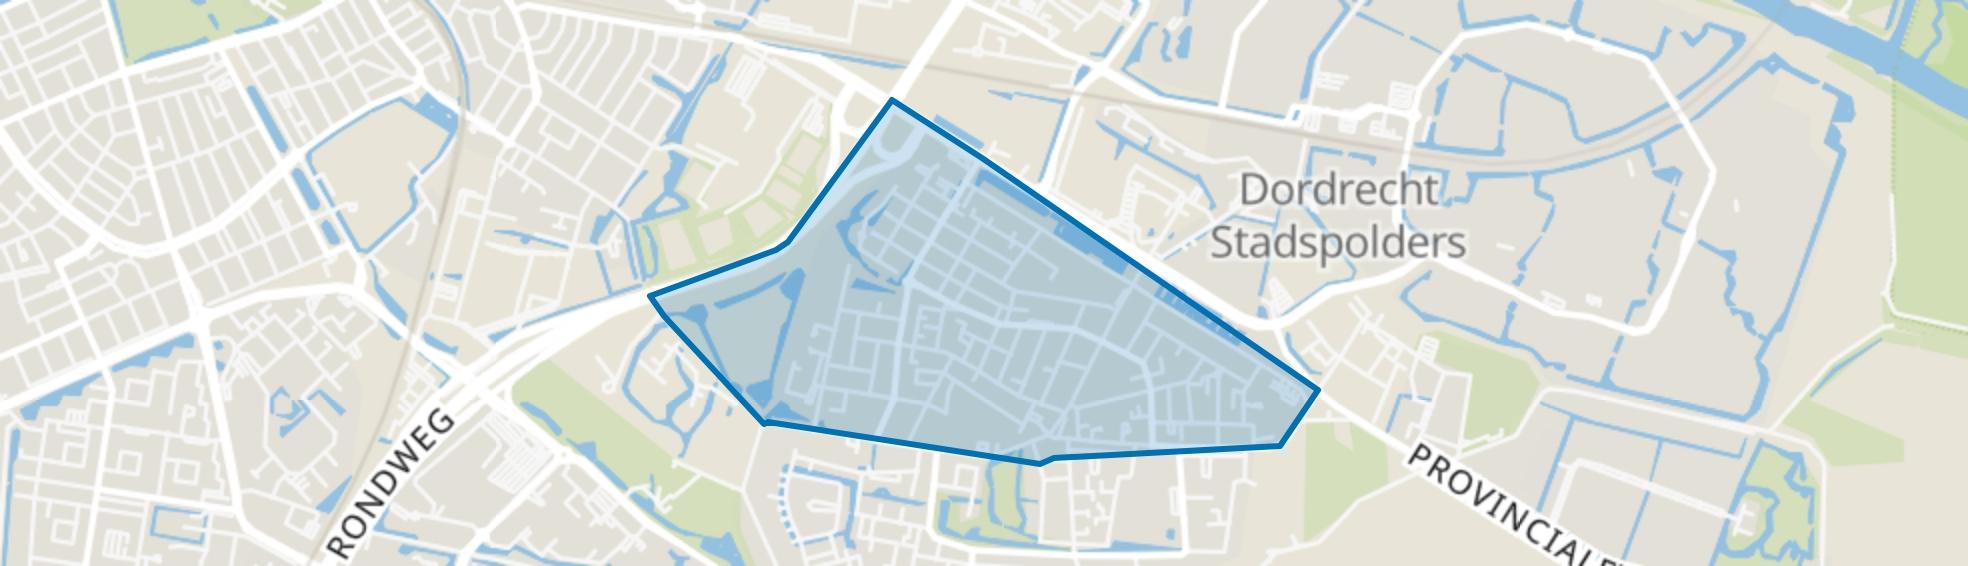 Dubbeldam-Noord, Dordrecht map